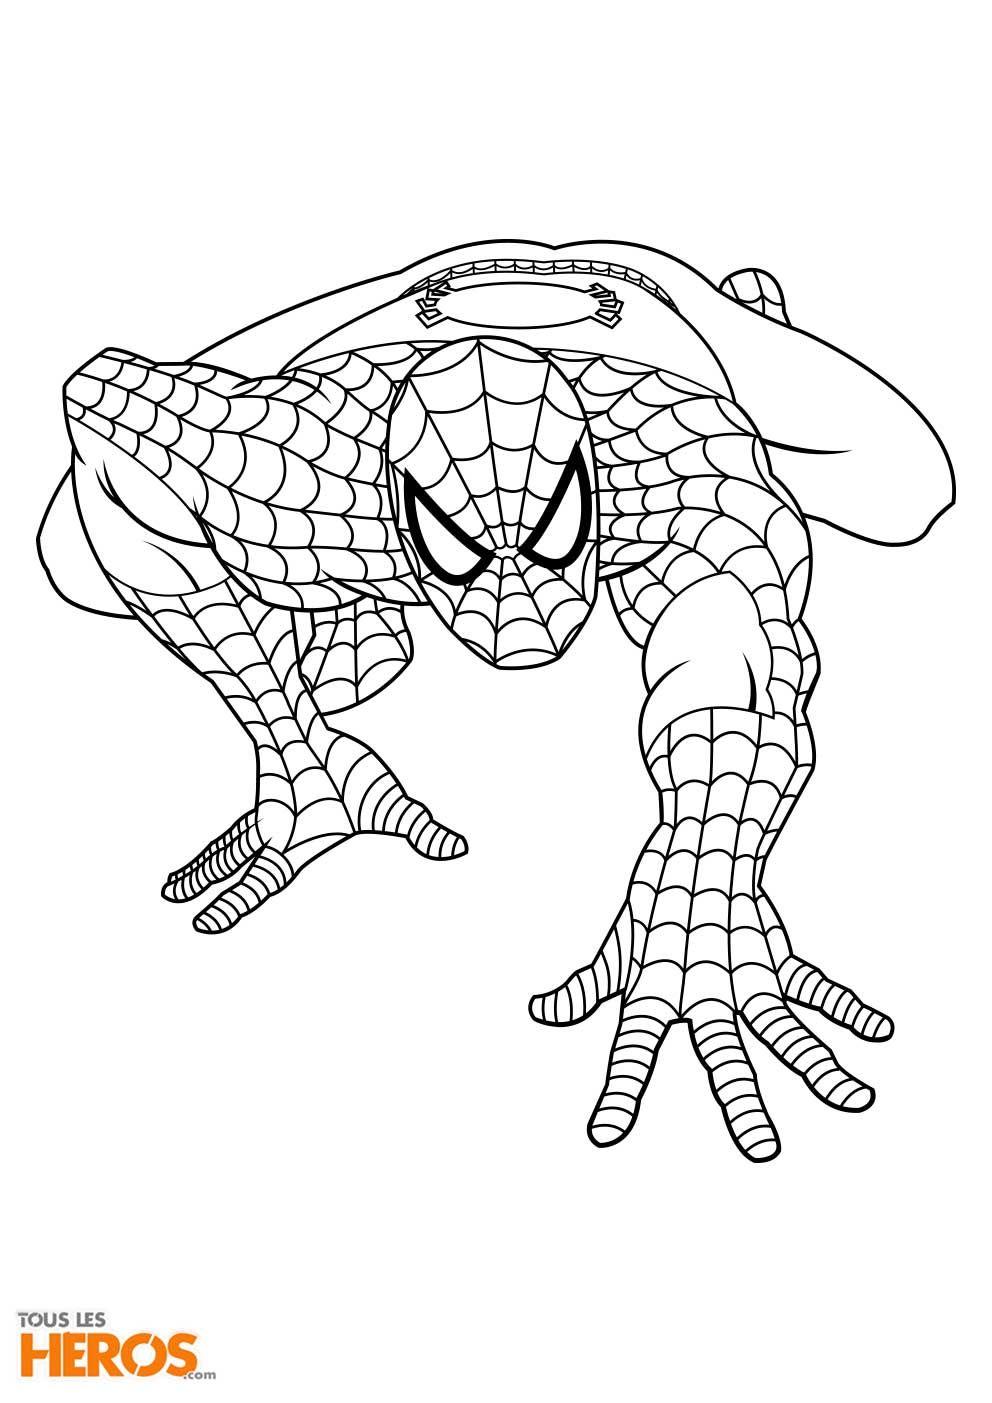 Coloriages spiderman imprimer sur le blog de tlh coloriages de tlh coloriage coloriage - Coloriage spiderman et hulk ...